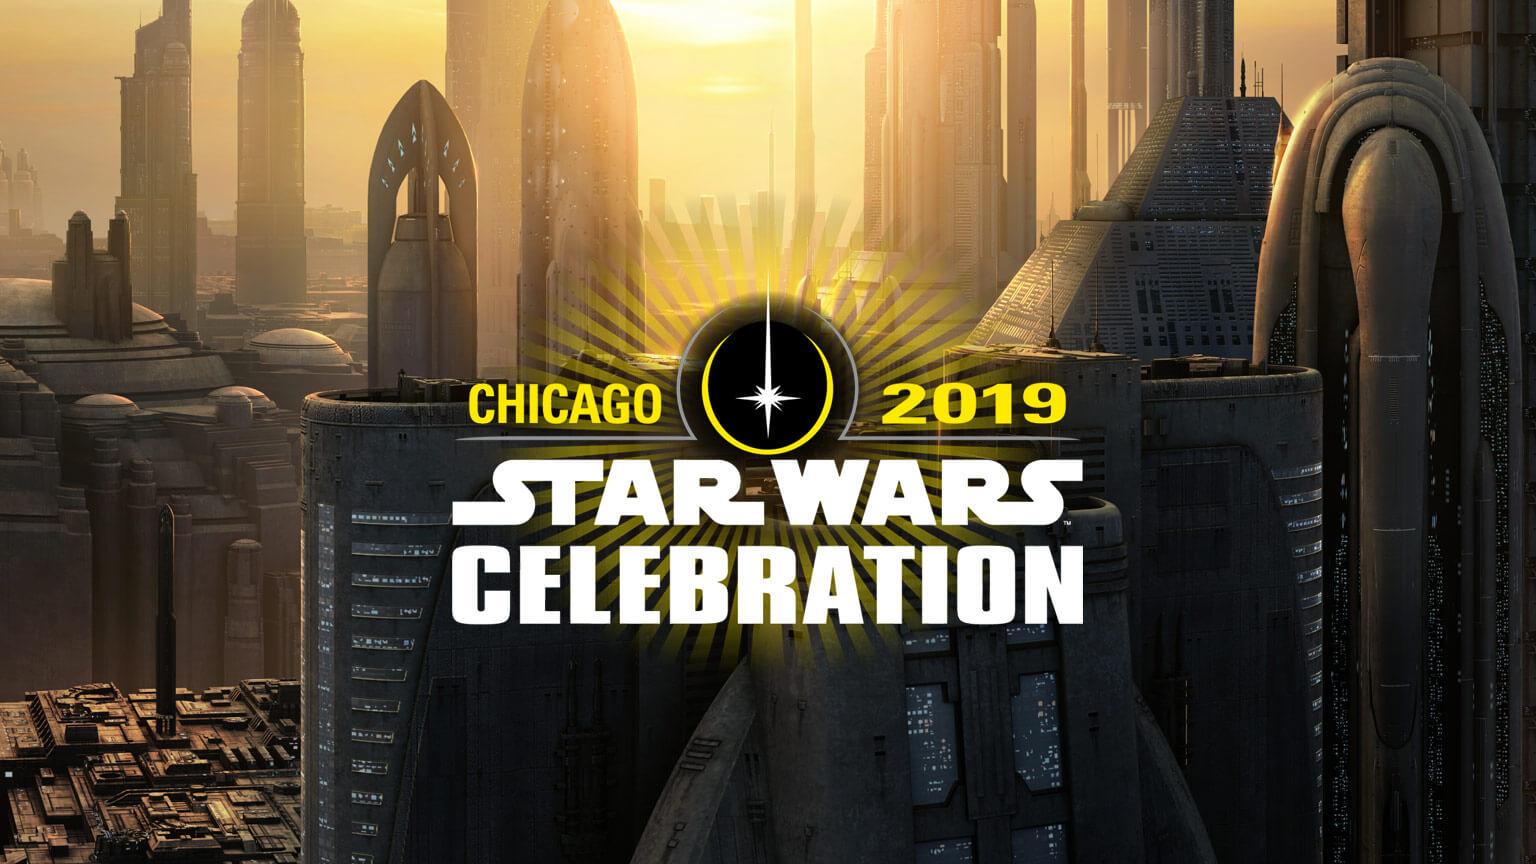 星戰迷的漫長等待即將結束 ─《星際大戰 9》首支預告片據傳將於 4 月「星戰慶典」期間釋出首圖